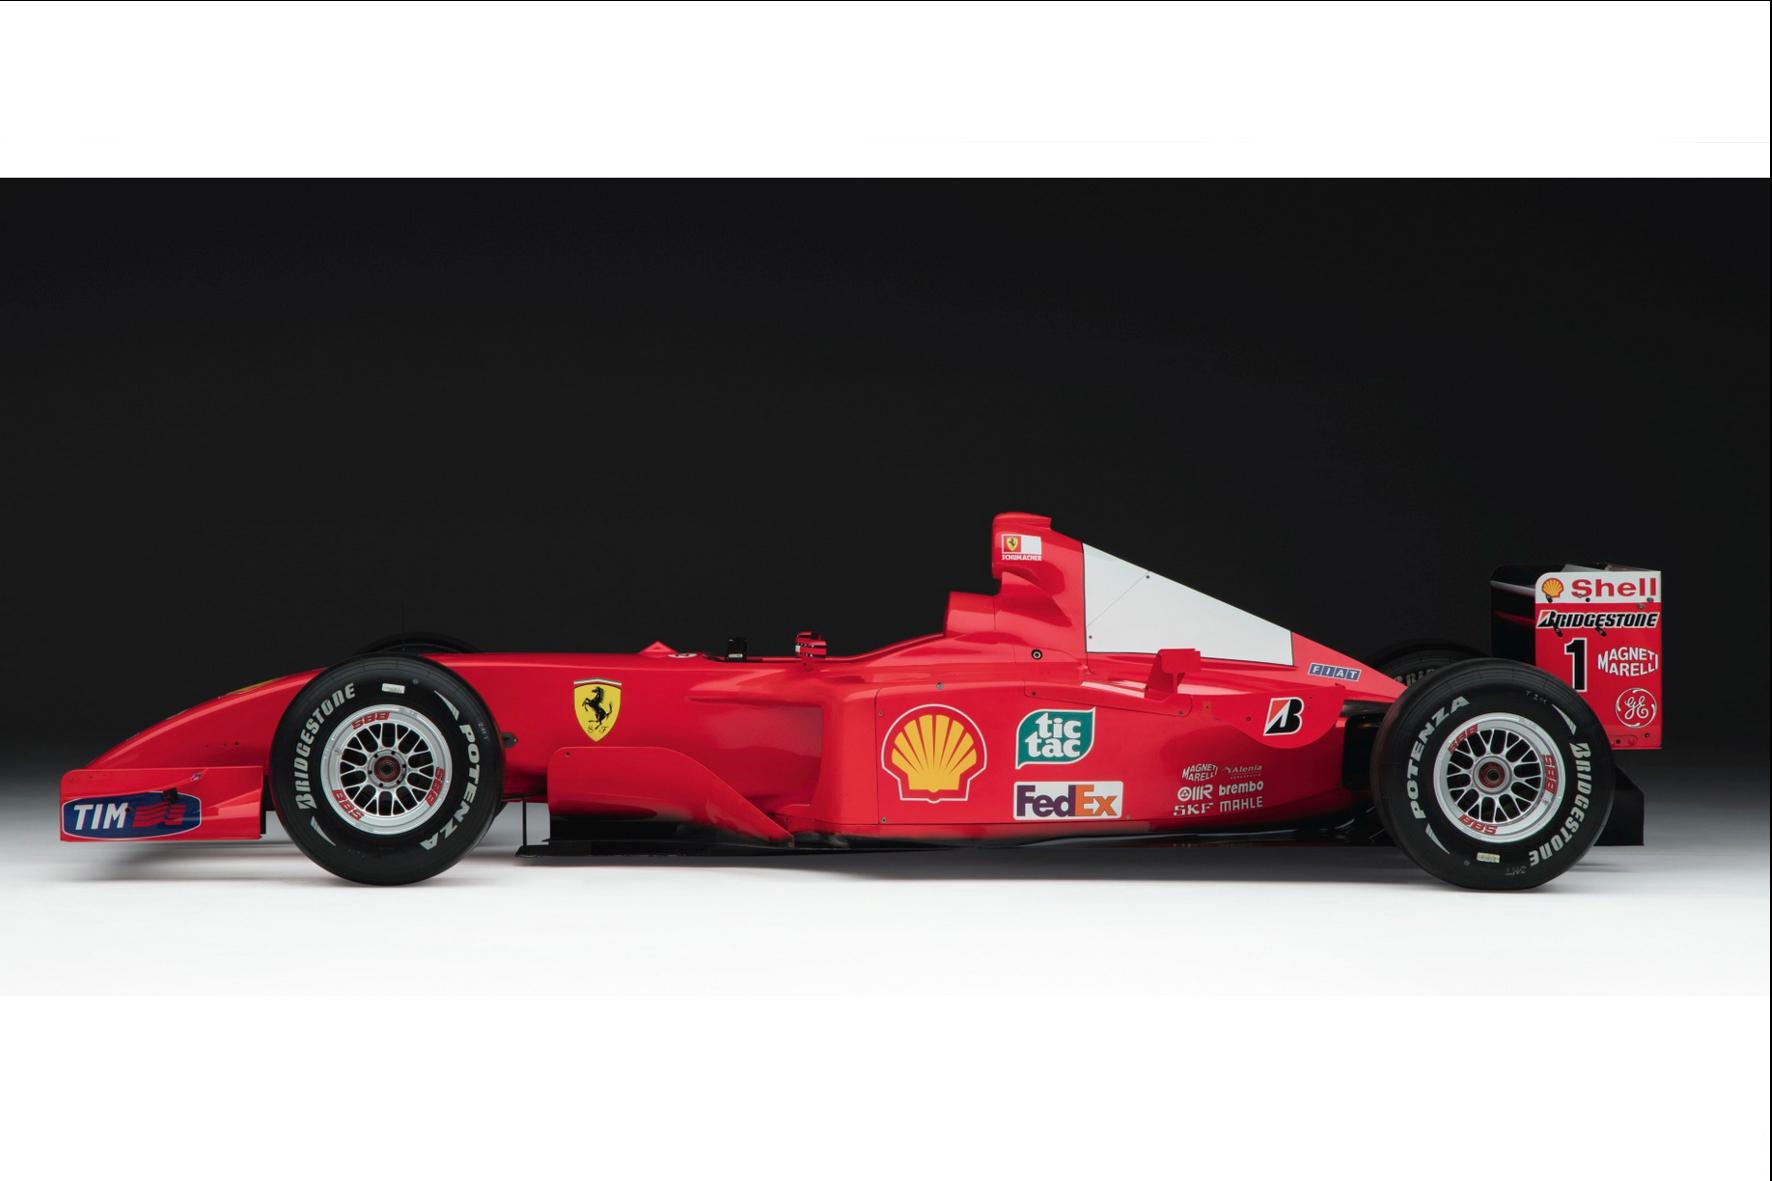 mid Groß-Gerau - Das Weltmeisterauto von Michael Schumacher brachte jetzt bei einer Auktion in New York umgerechnet 6,36 Millionen Euro ein. RM Sotheby's